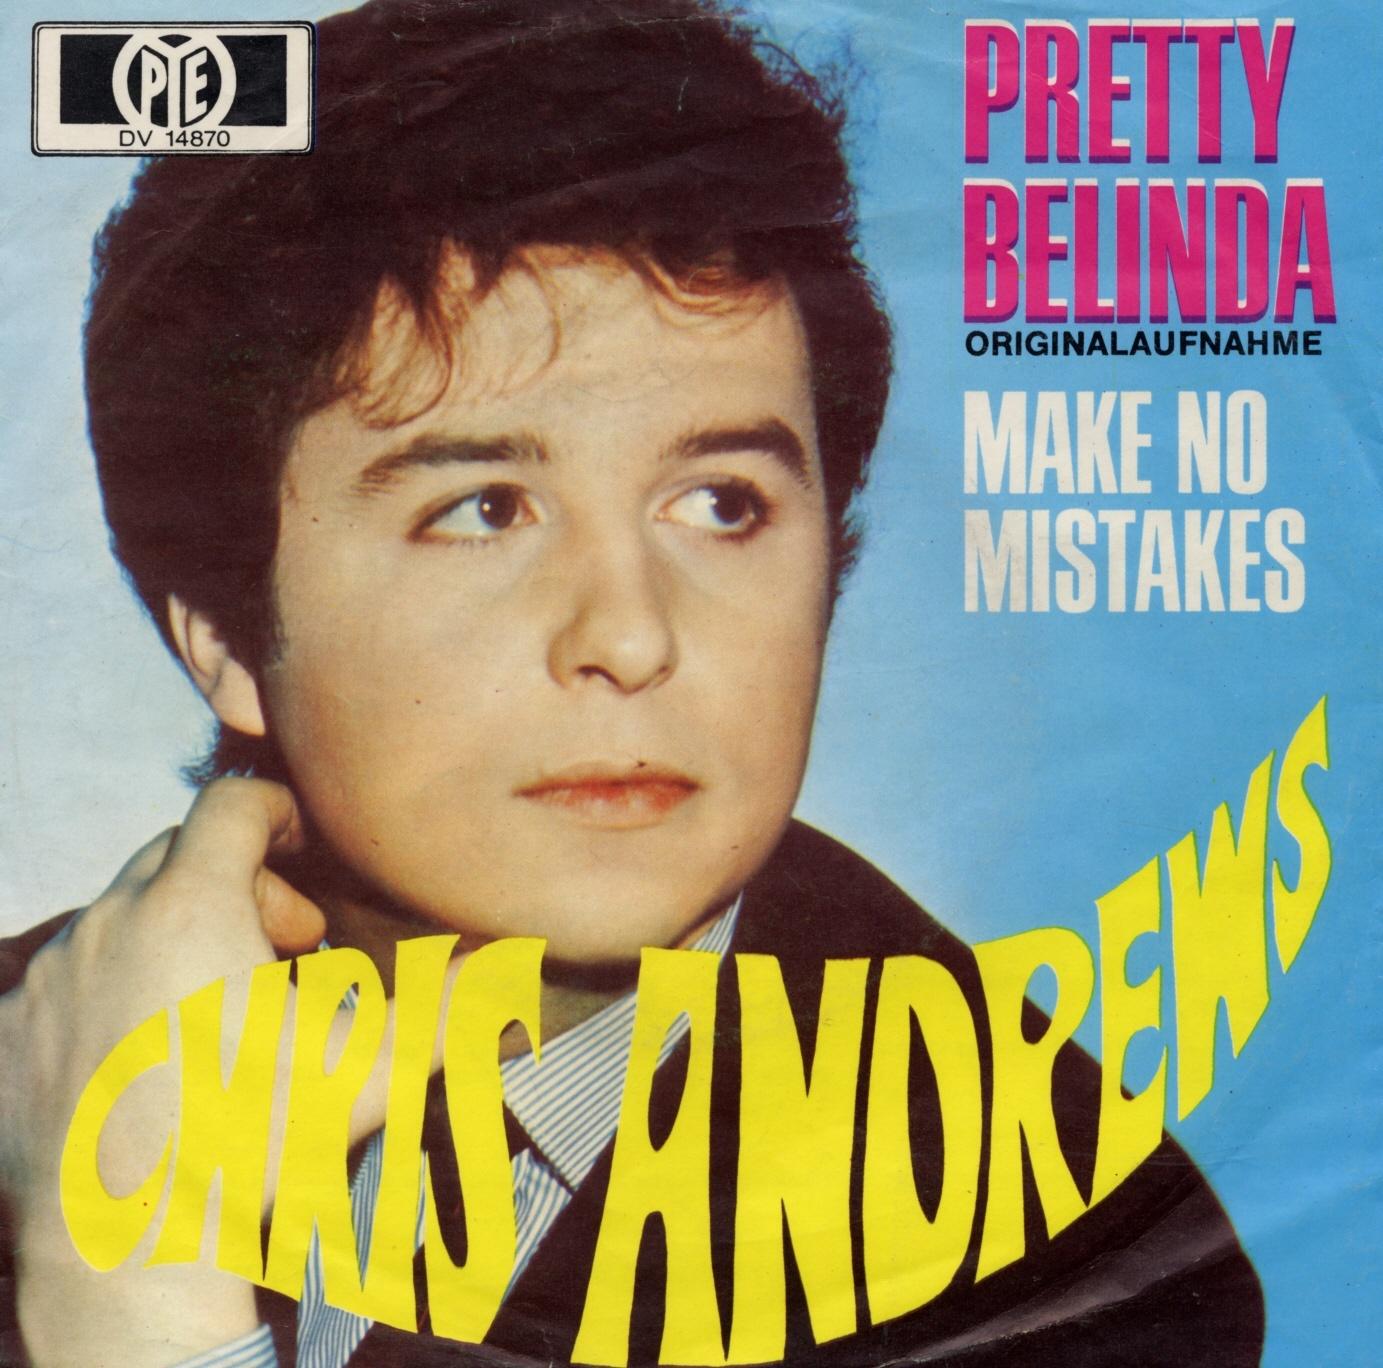 Pretty Belinda (Foto: Chris Andrews)